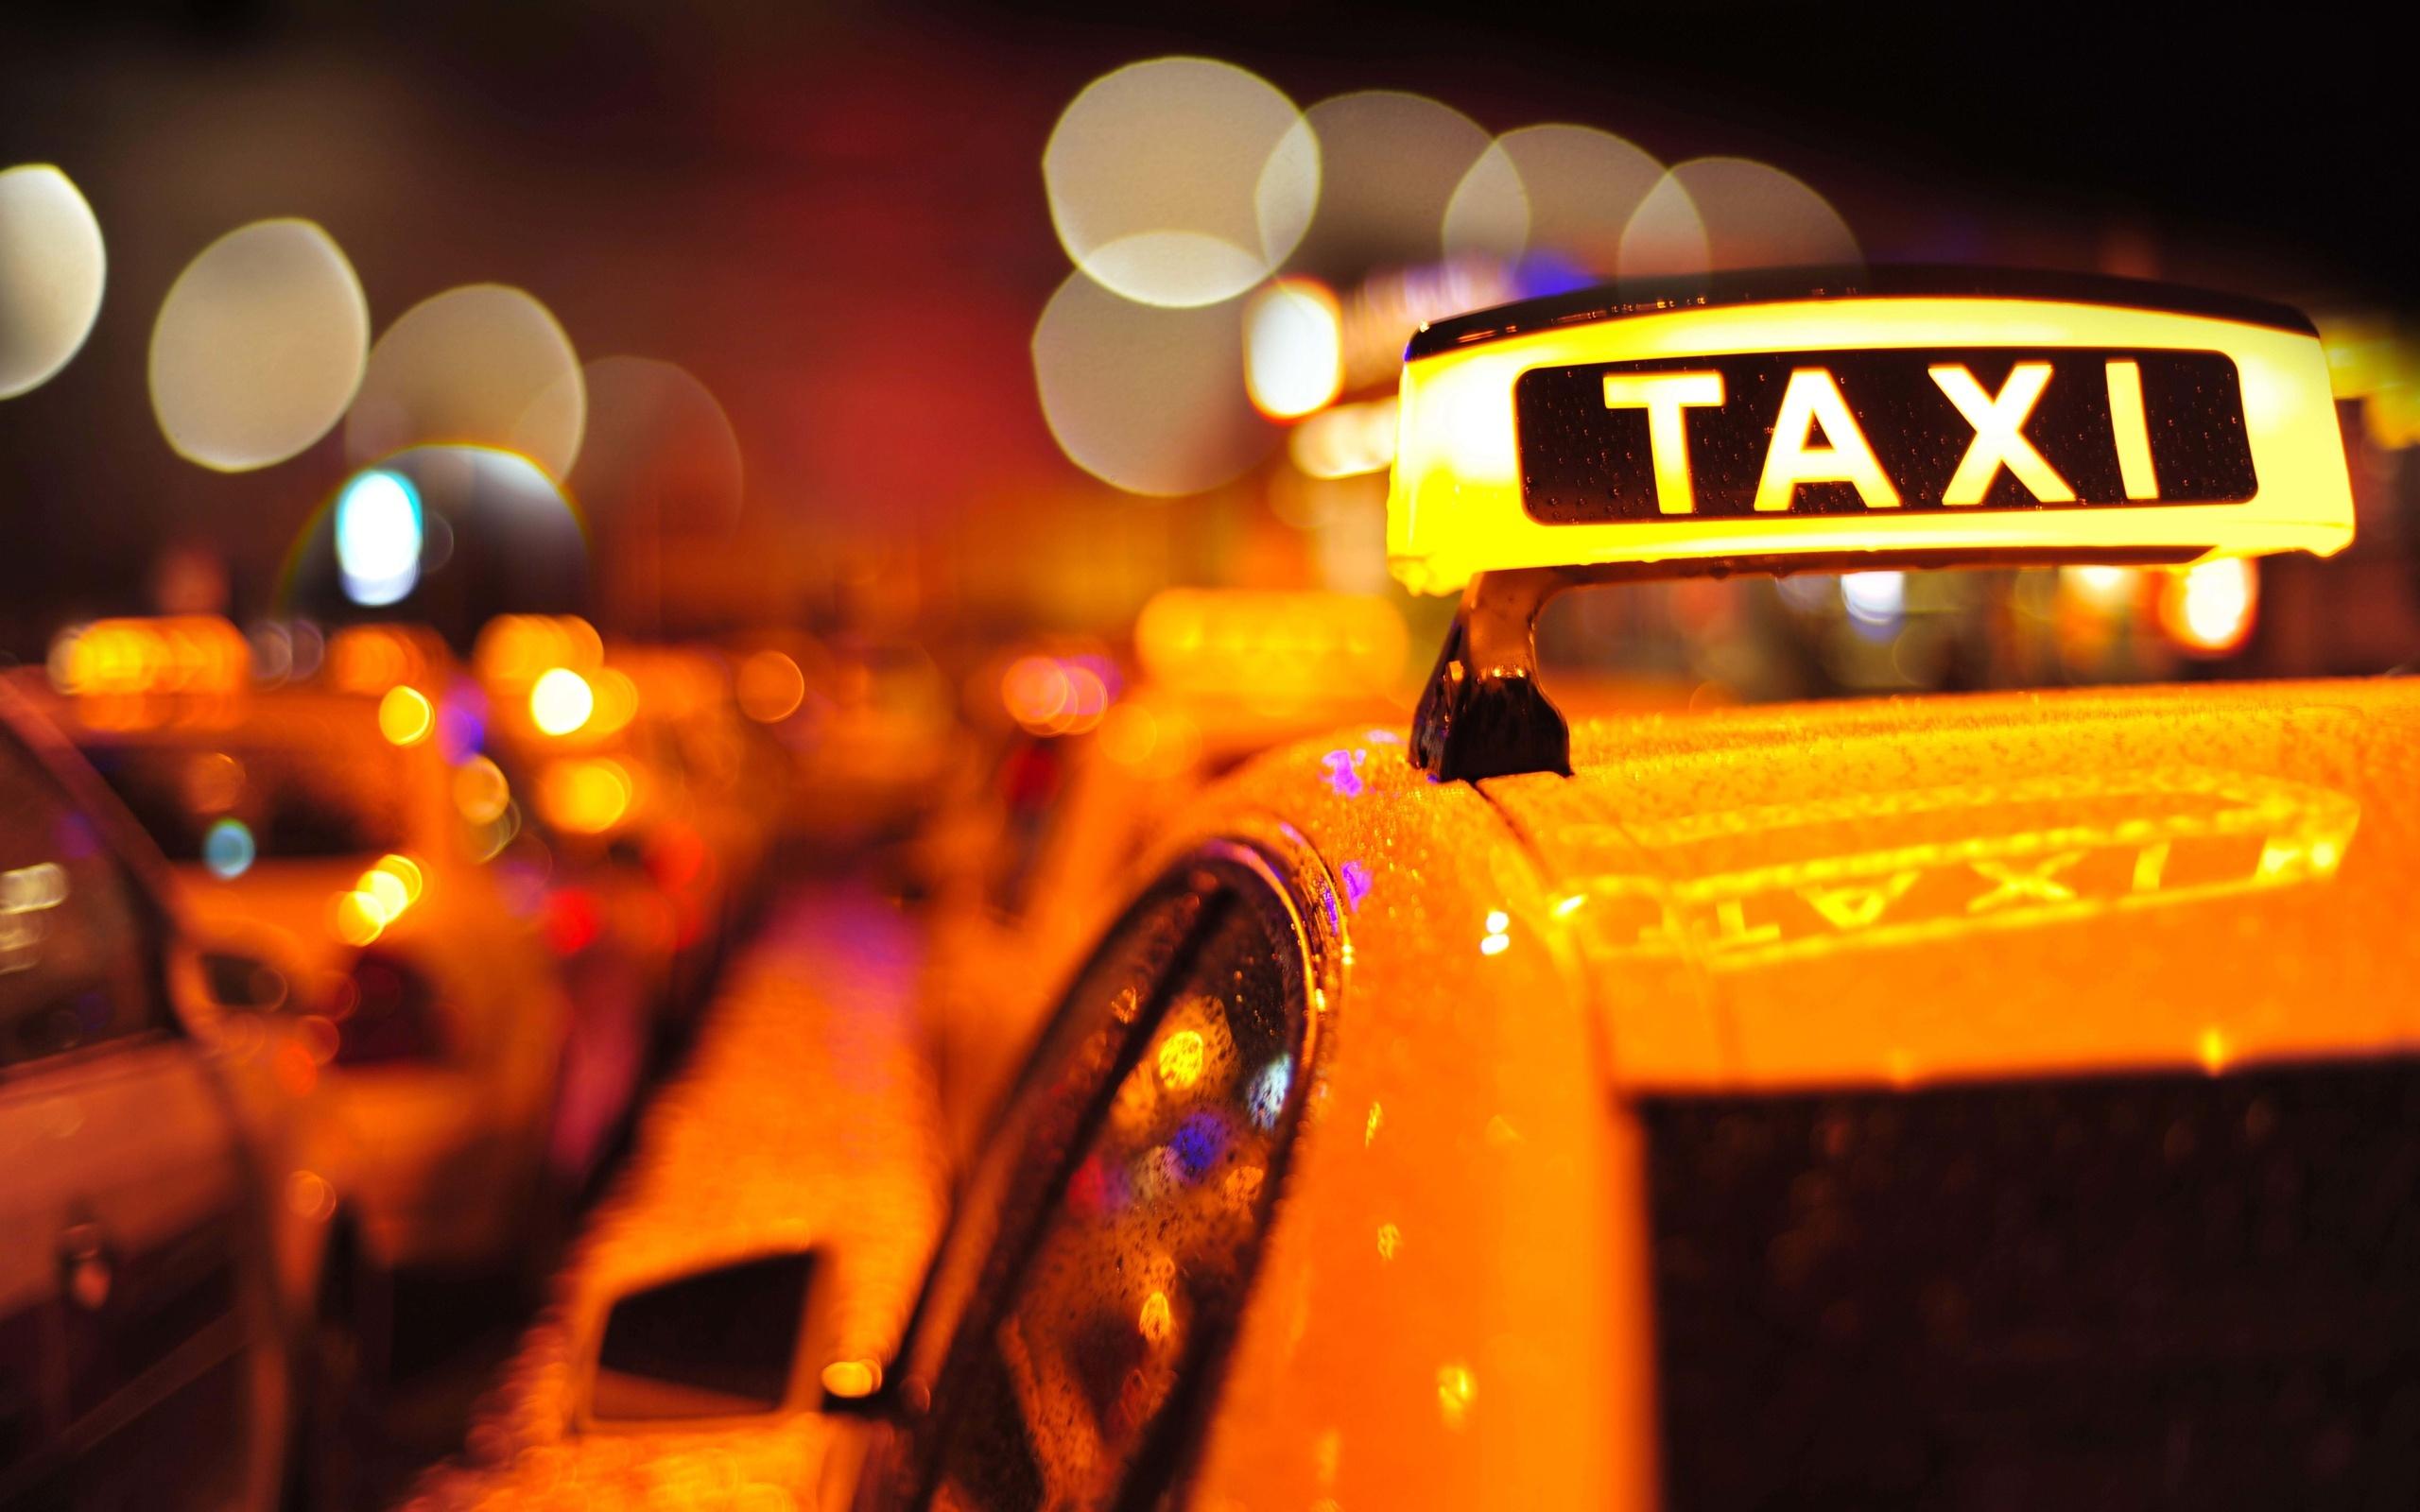 Преимущества такси перед другими видами транспорта